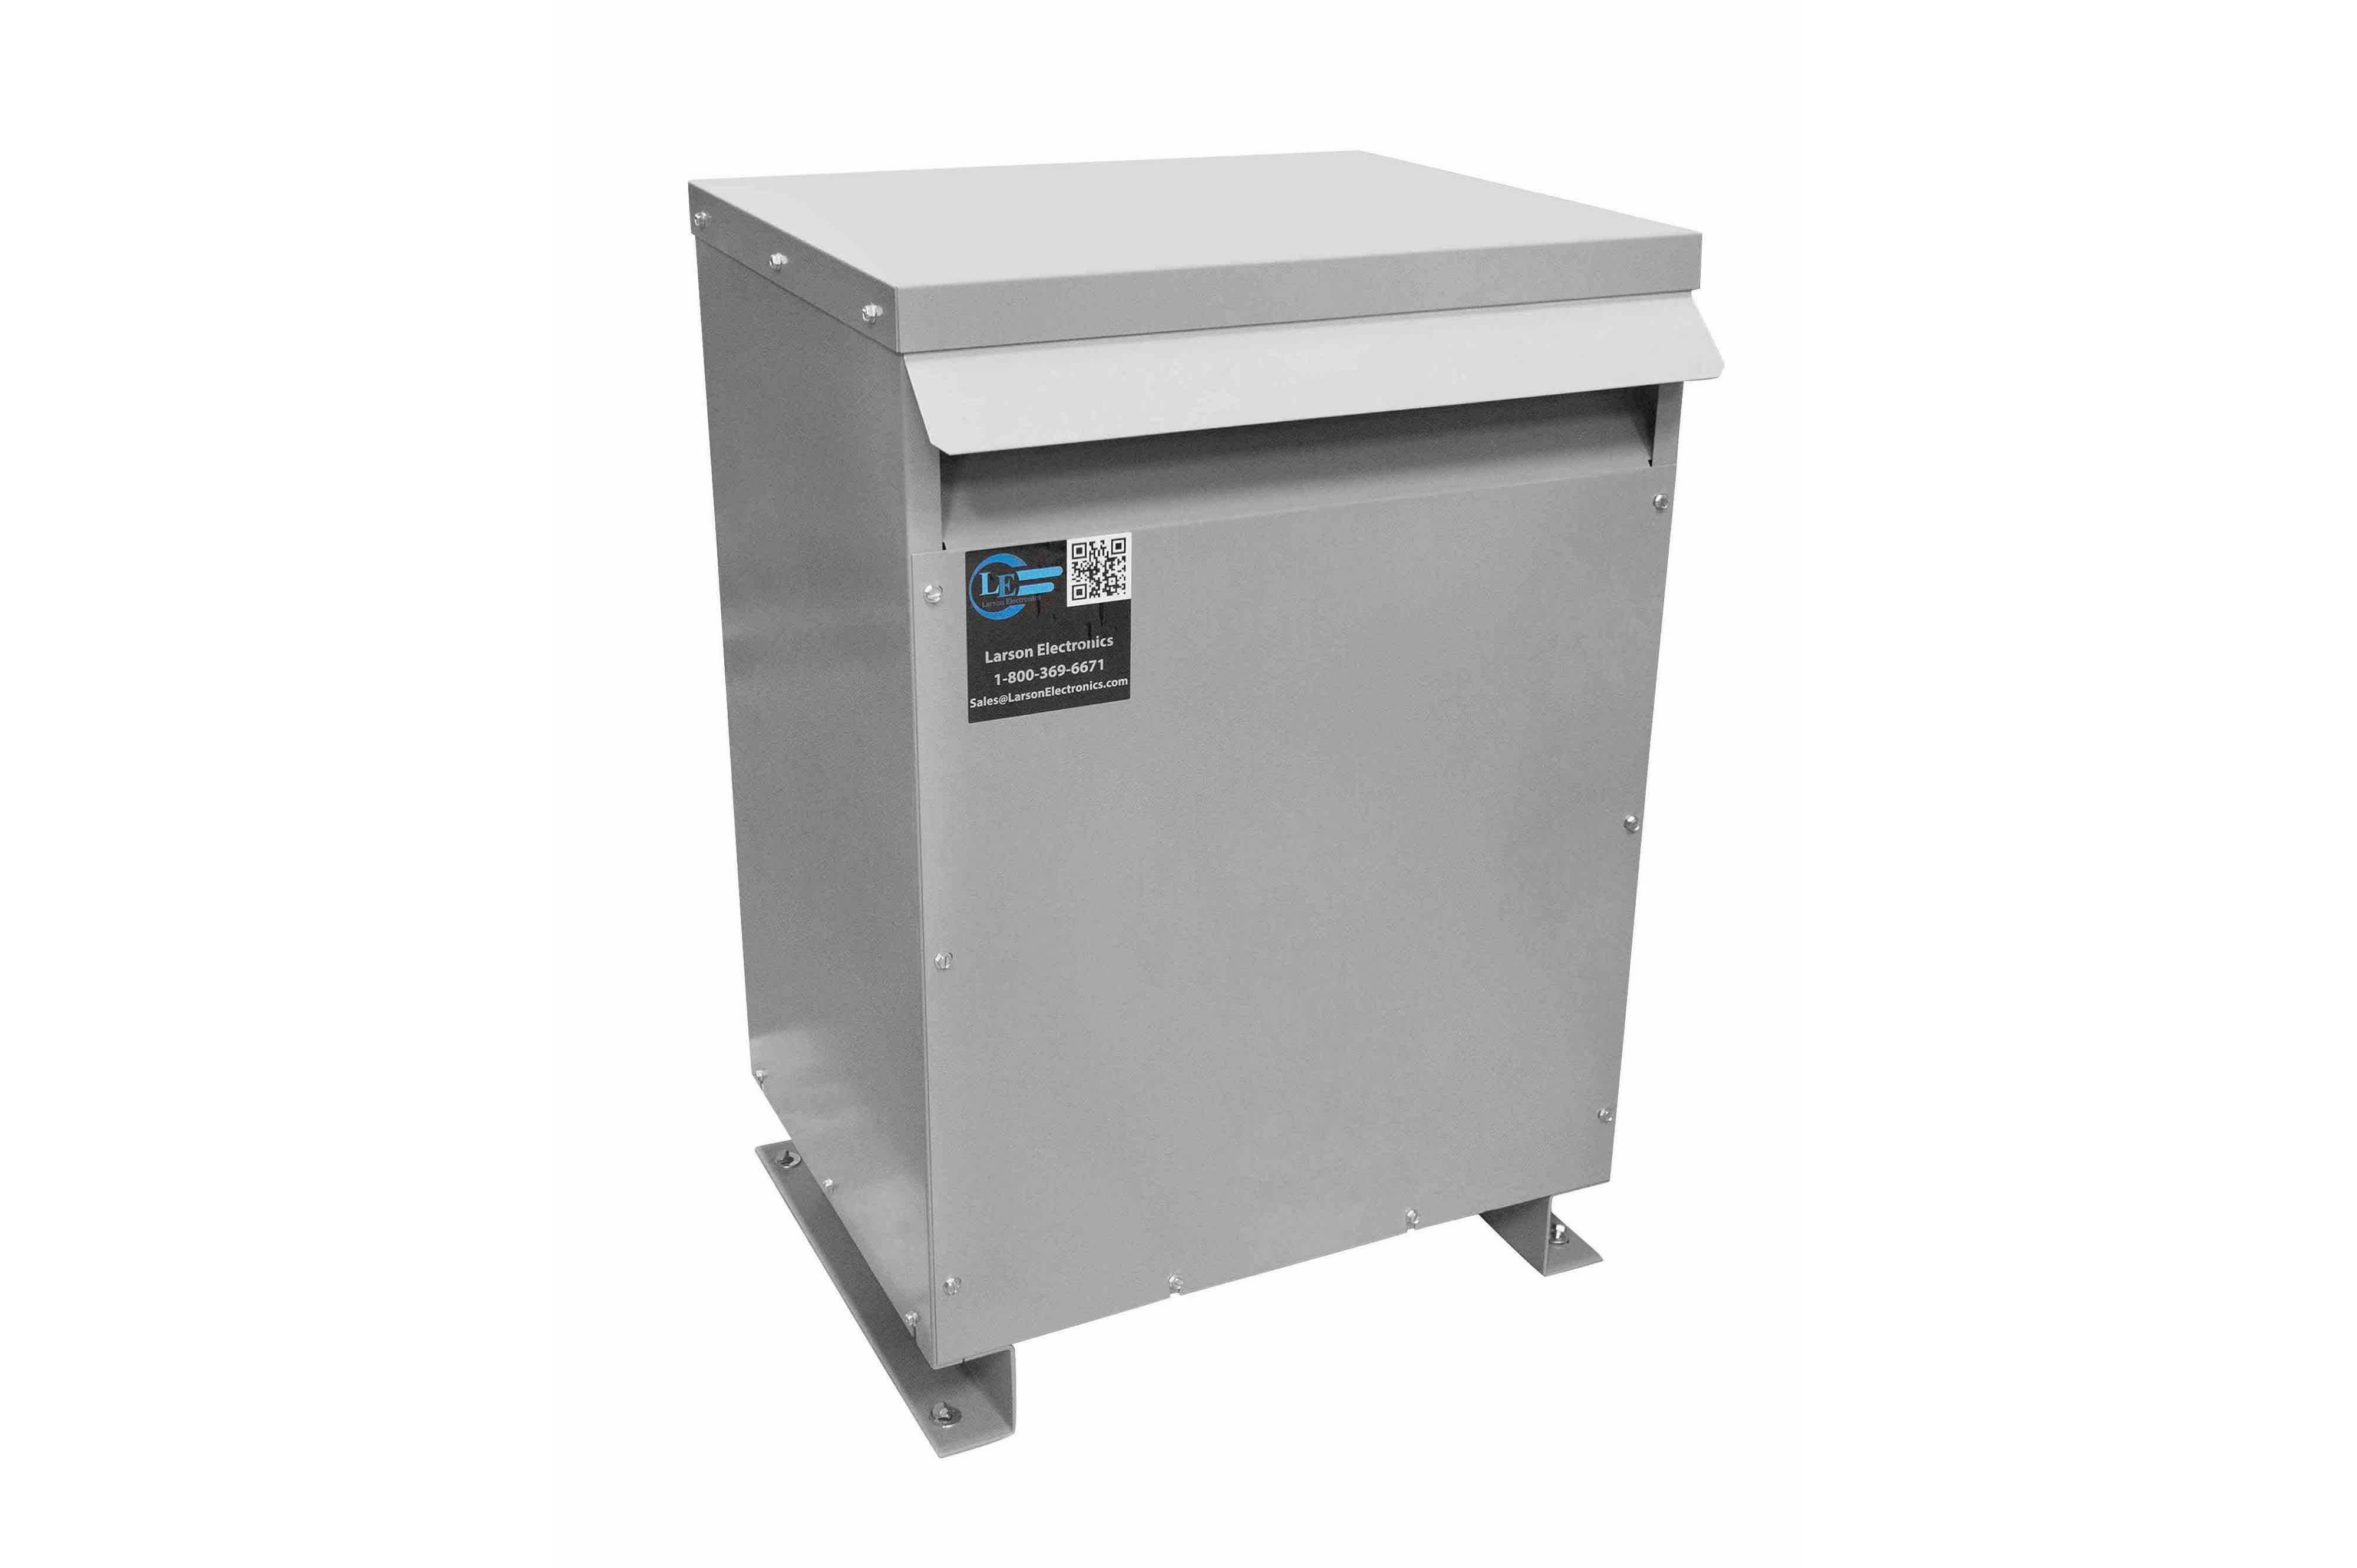 1000 kVA 3PH DOE Transformer, 460V Delta Primary, 240V/120 Delta Secondary, N3R, Ventilated, 60 Hz